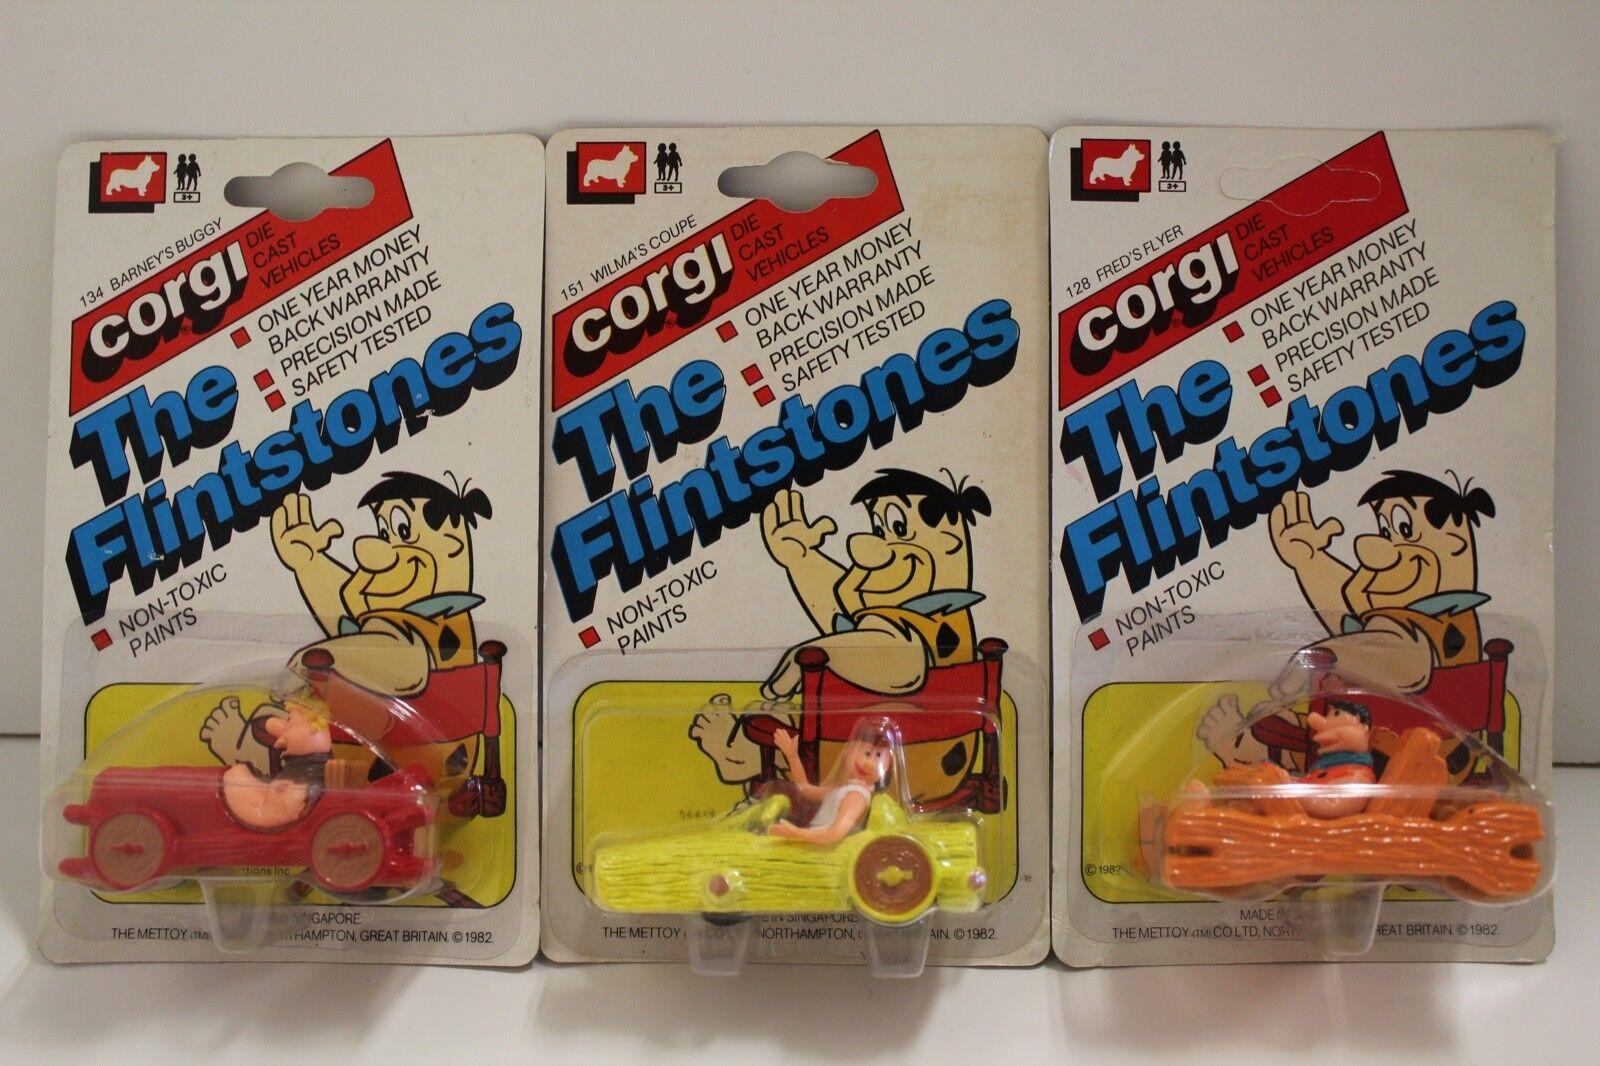 produttori fornitura diretta CORGI Junior NO    128, 151 + 134  FLINSTONE modellololi Set di 3  (non aperto 1982)  design semplice e generoso